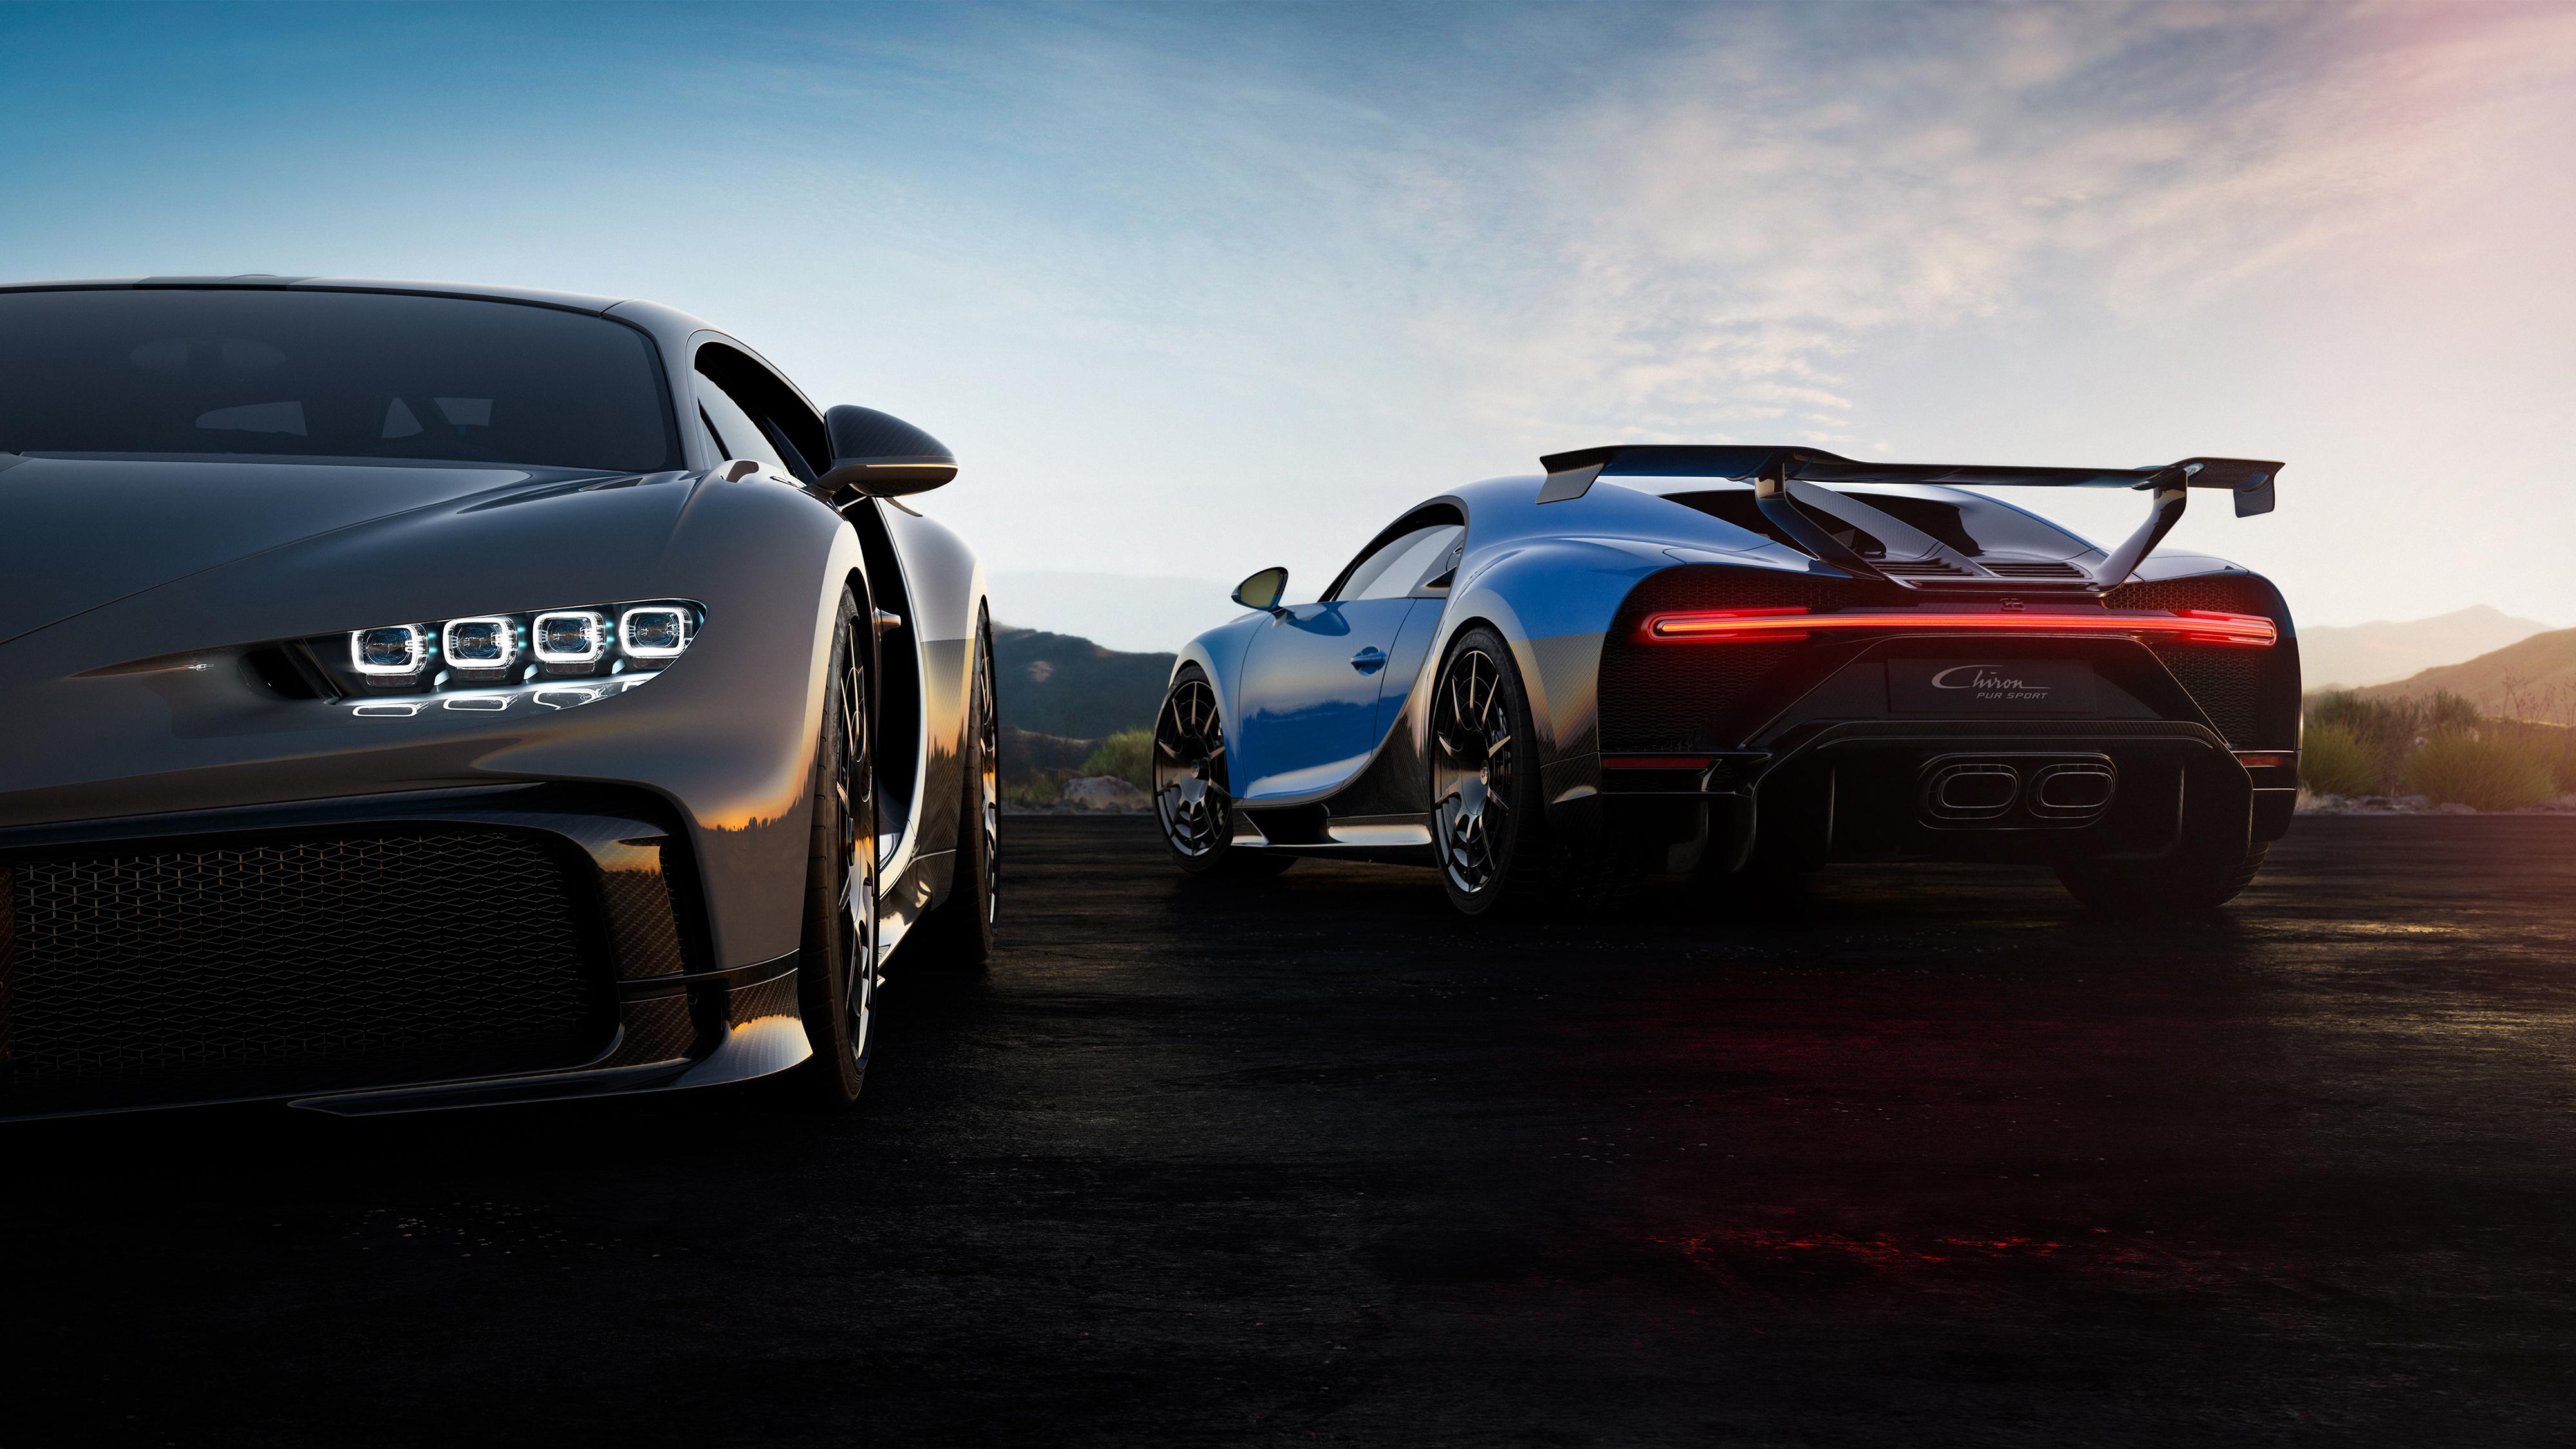 Bugatti Chiron Pur Sport 2020 4k 5 Wallpaper Hd Car Wallpapers Id 14508